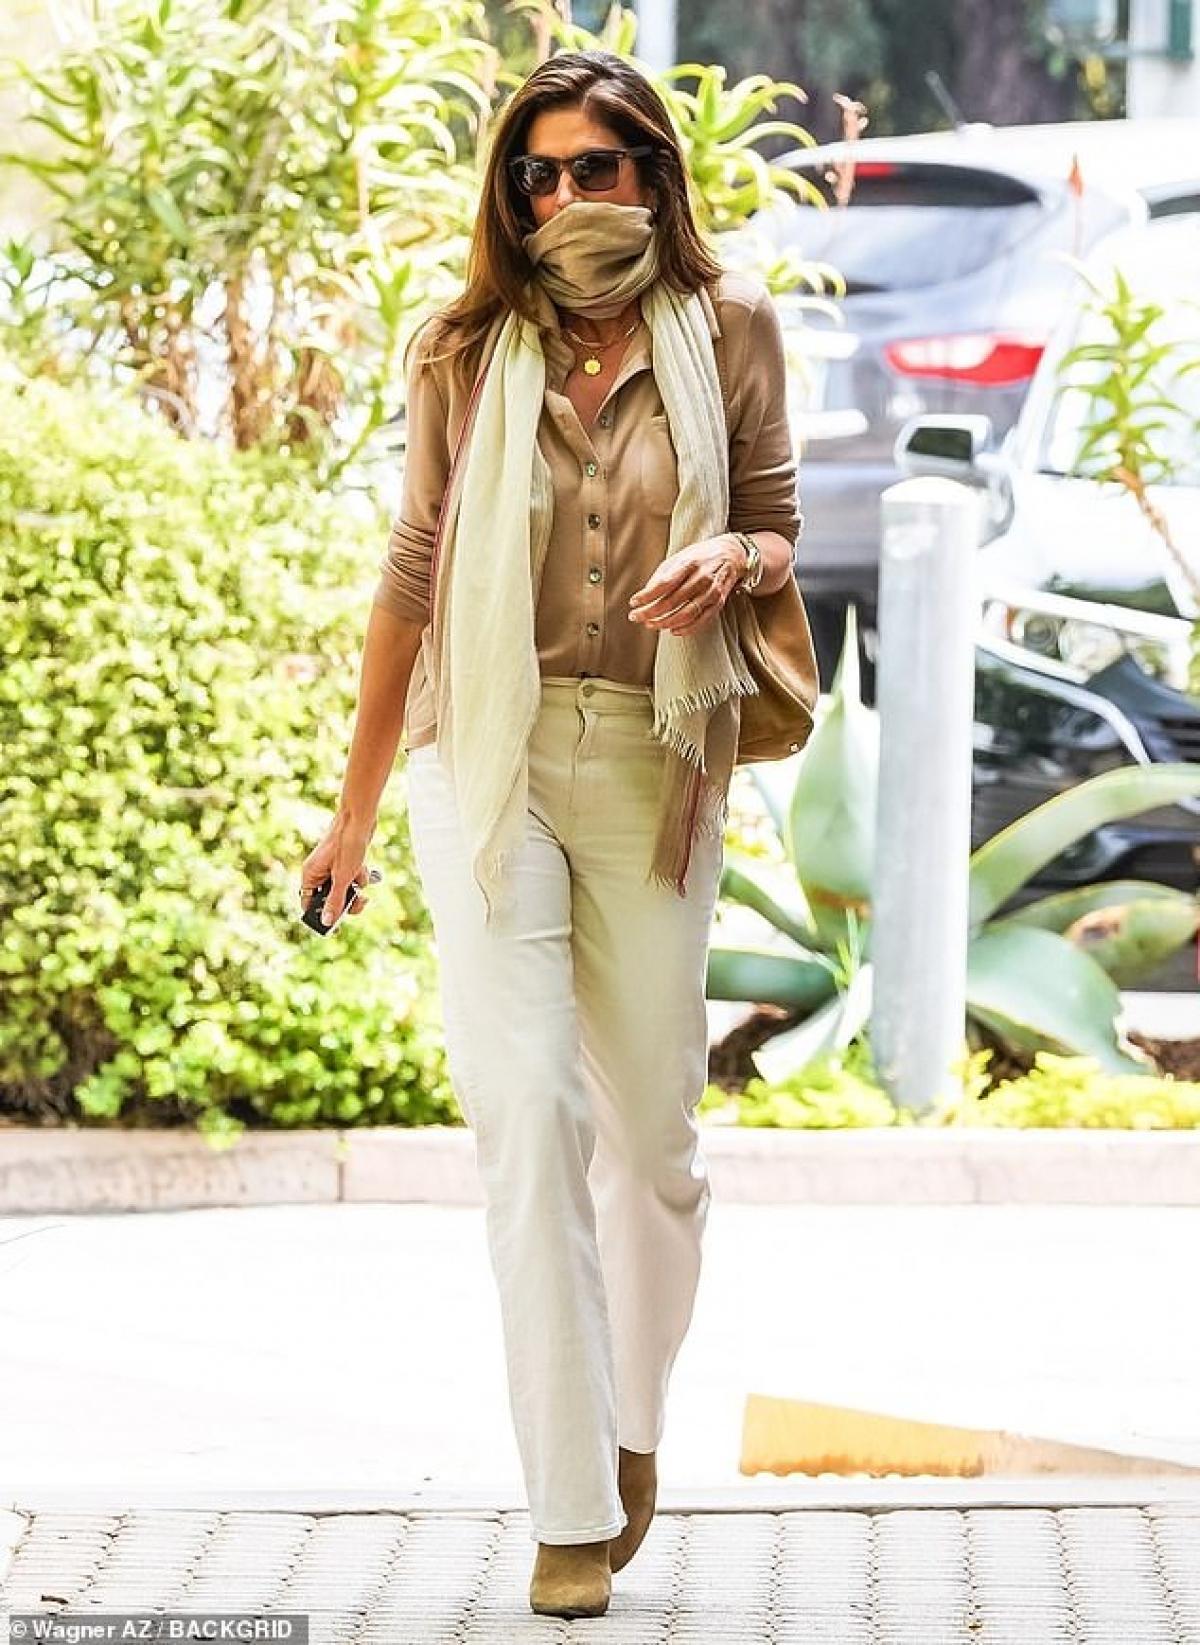 Siêu mẫu huyền thoại diện áo sơ mi và quần suông thanh lịch. Cô dùng khăn thay cho khẩu trang khi ra phố.